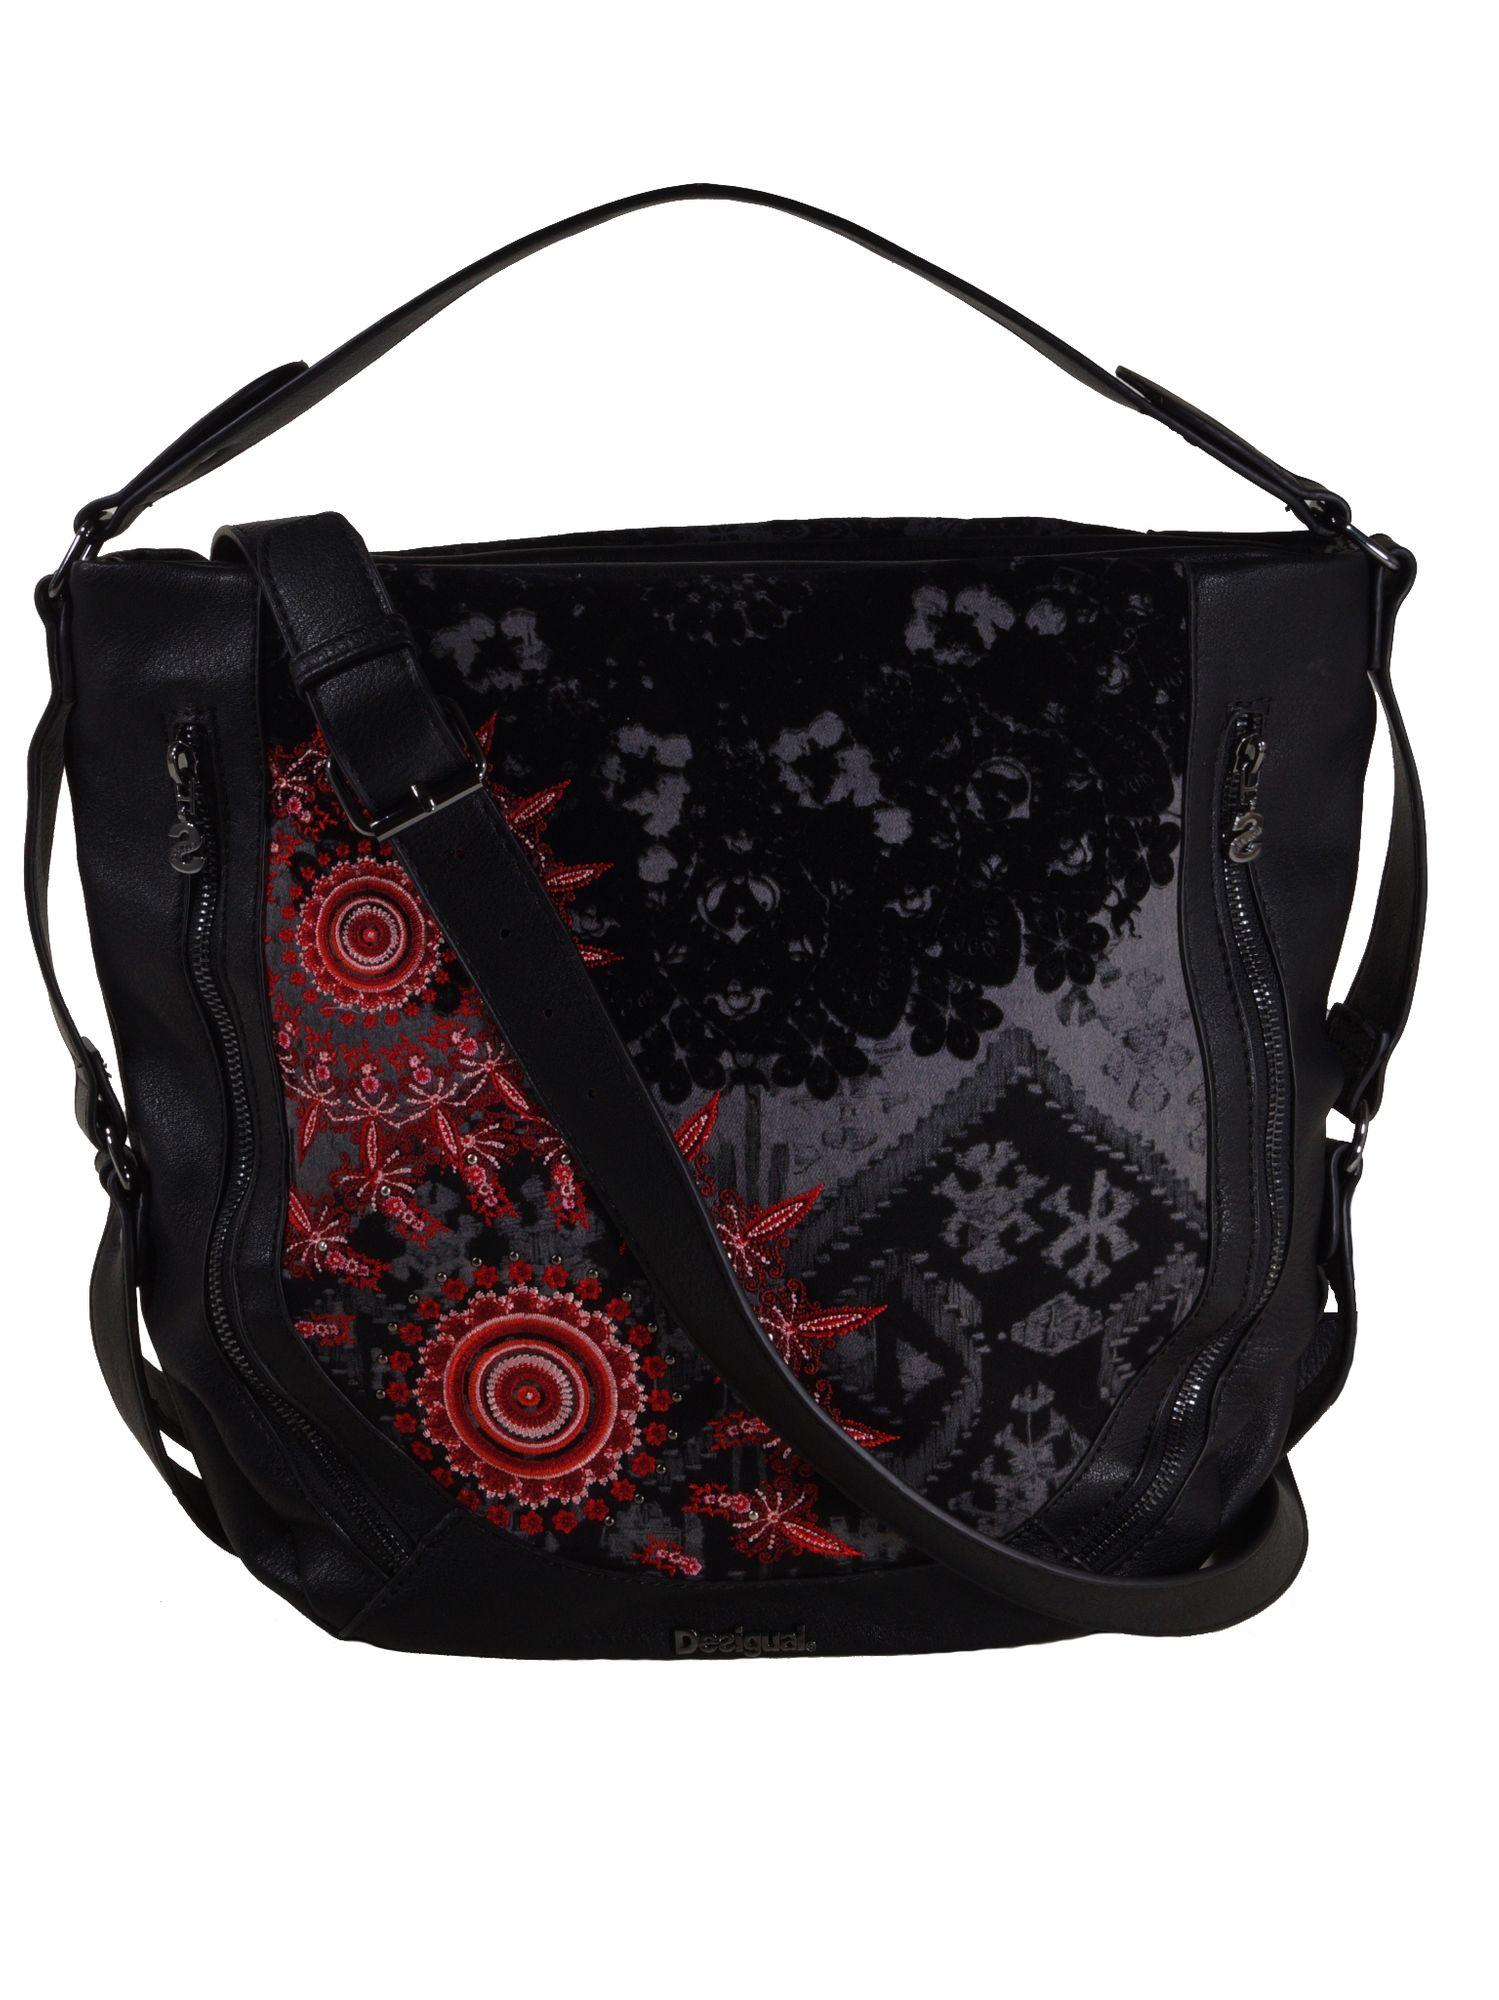 28506b0dd83b8 Desigual Handtasche Tasche Henkeltasche RED QUEEN MARTETA Schwarz 1 ...